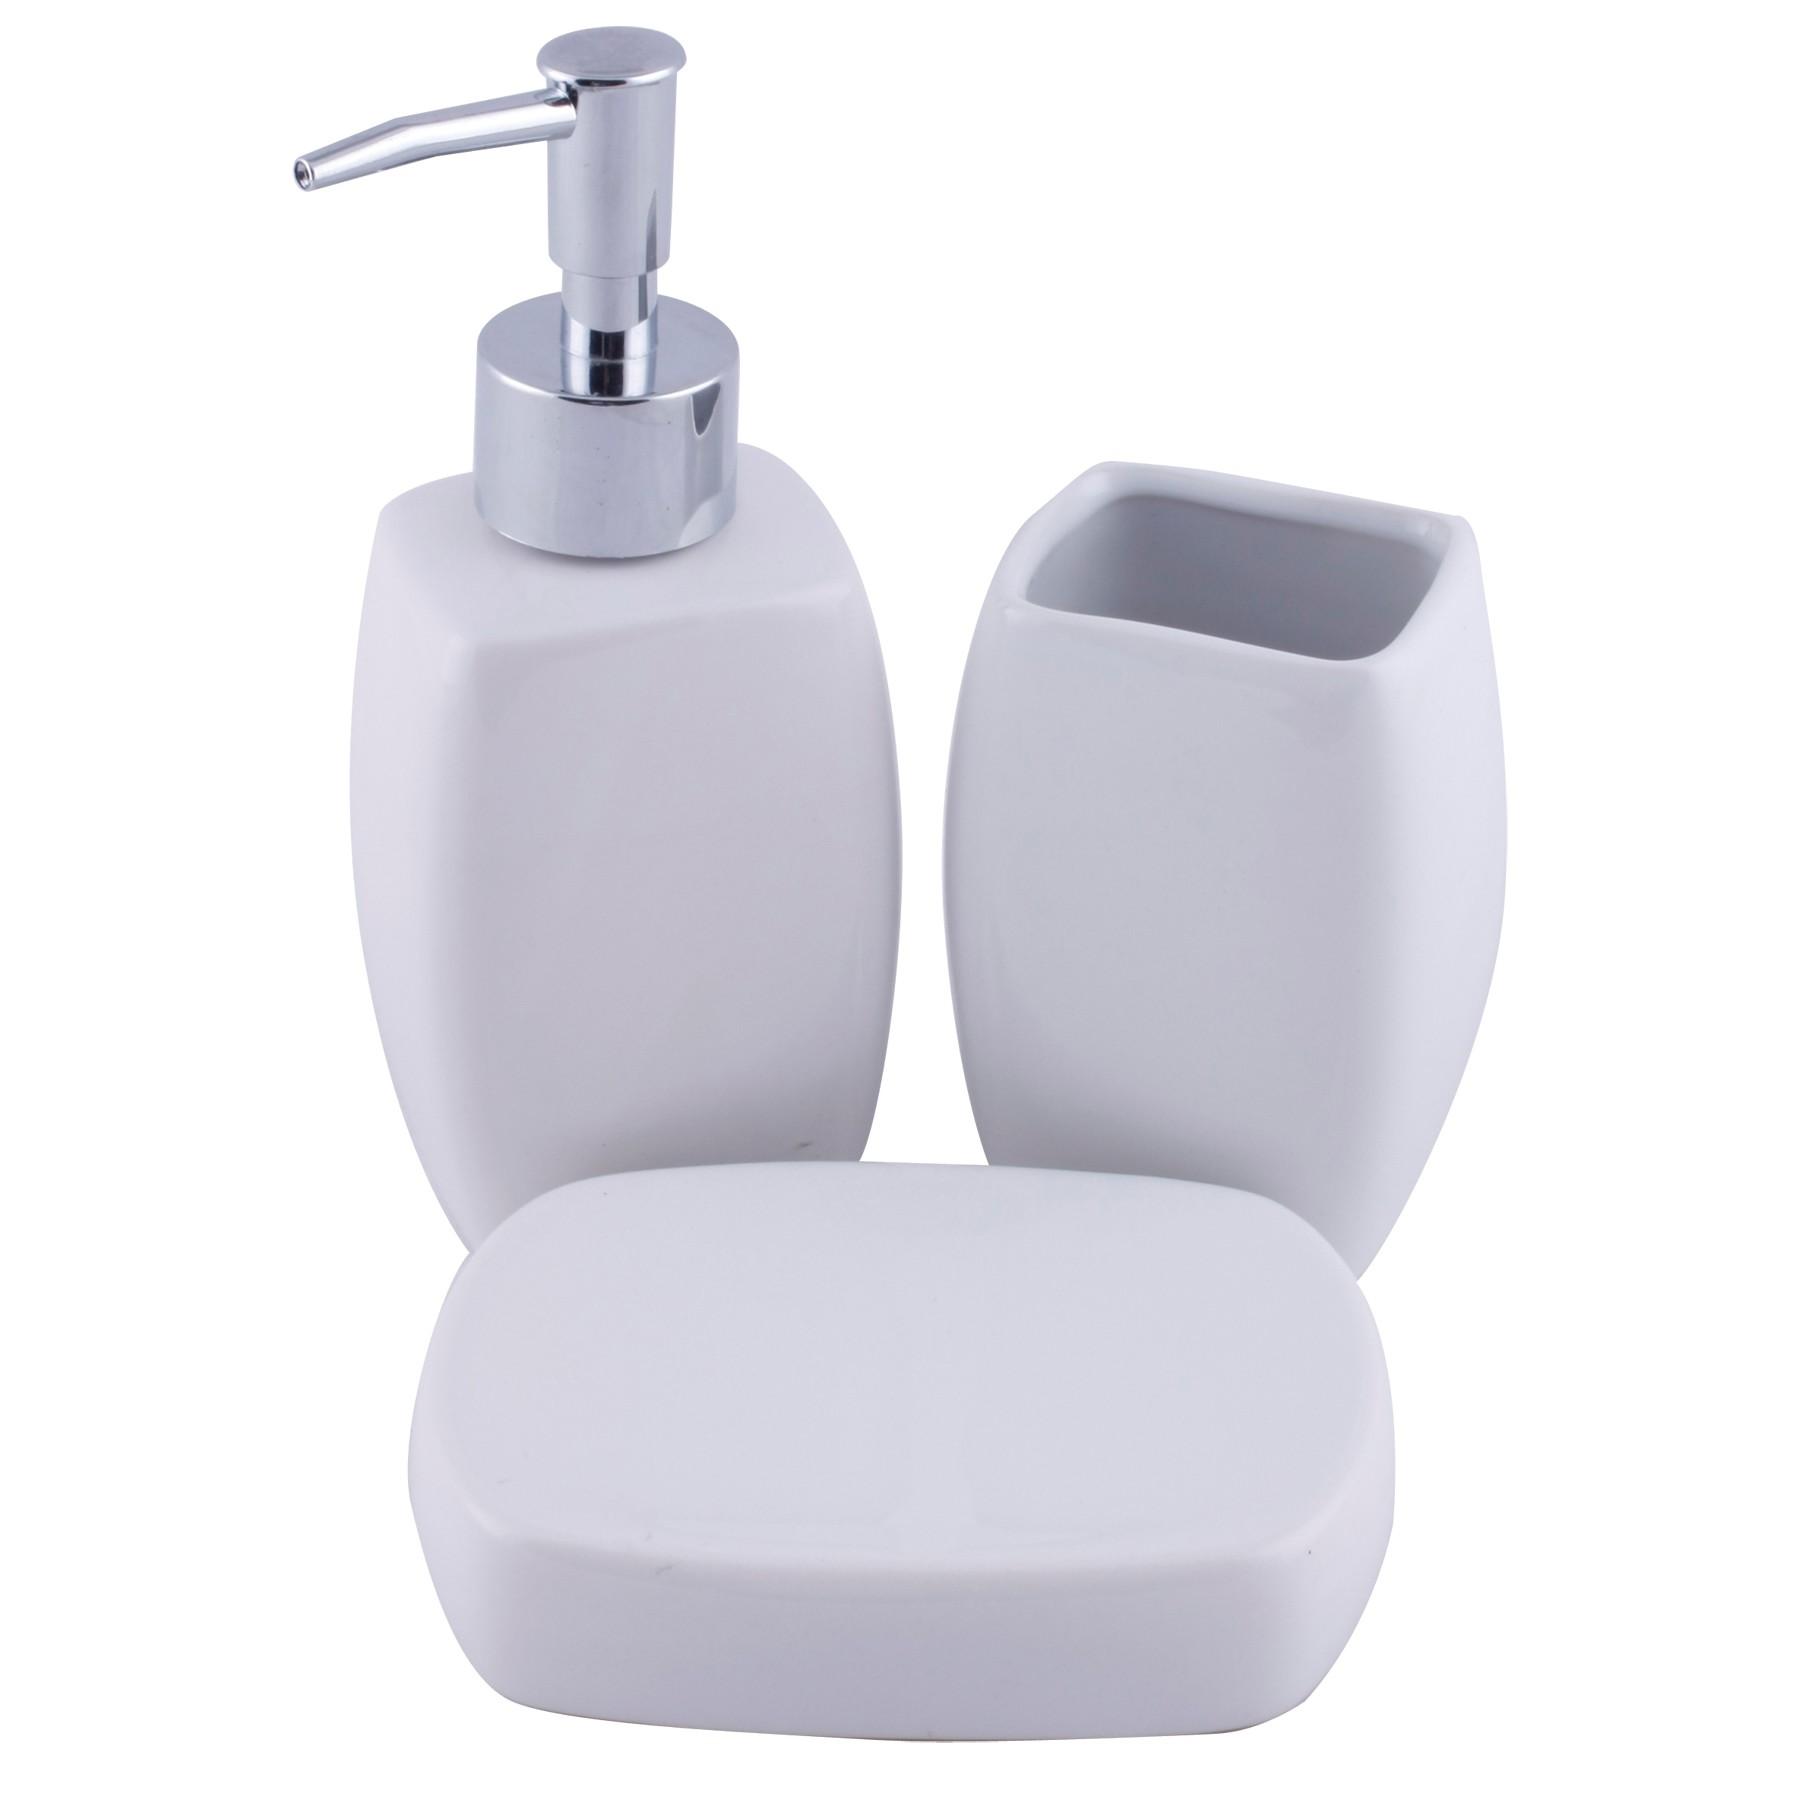 Jogo para Banheiro de Porcelana 3 Pecas Branco 13408 - Yangzi